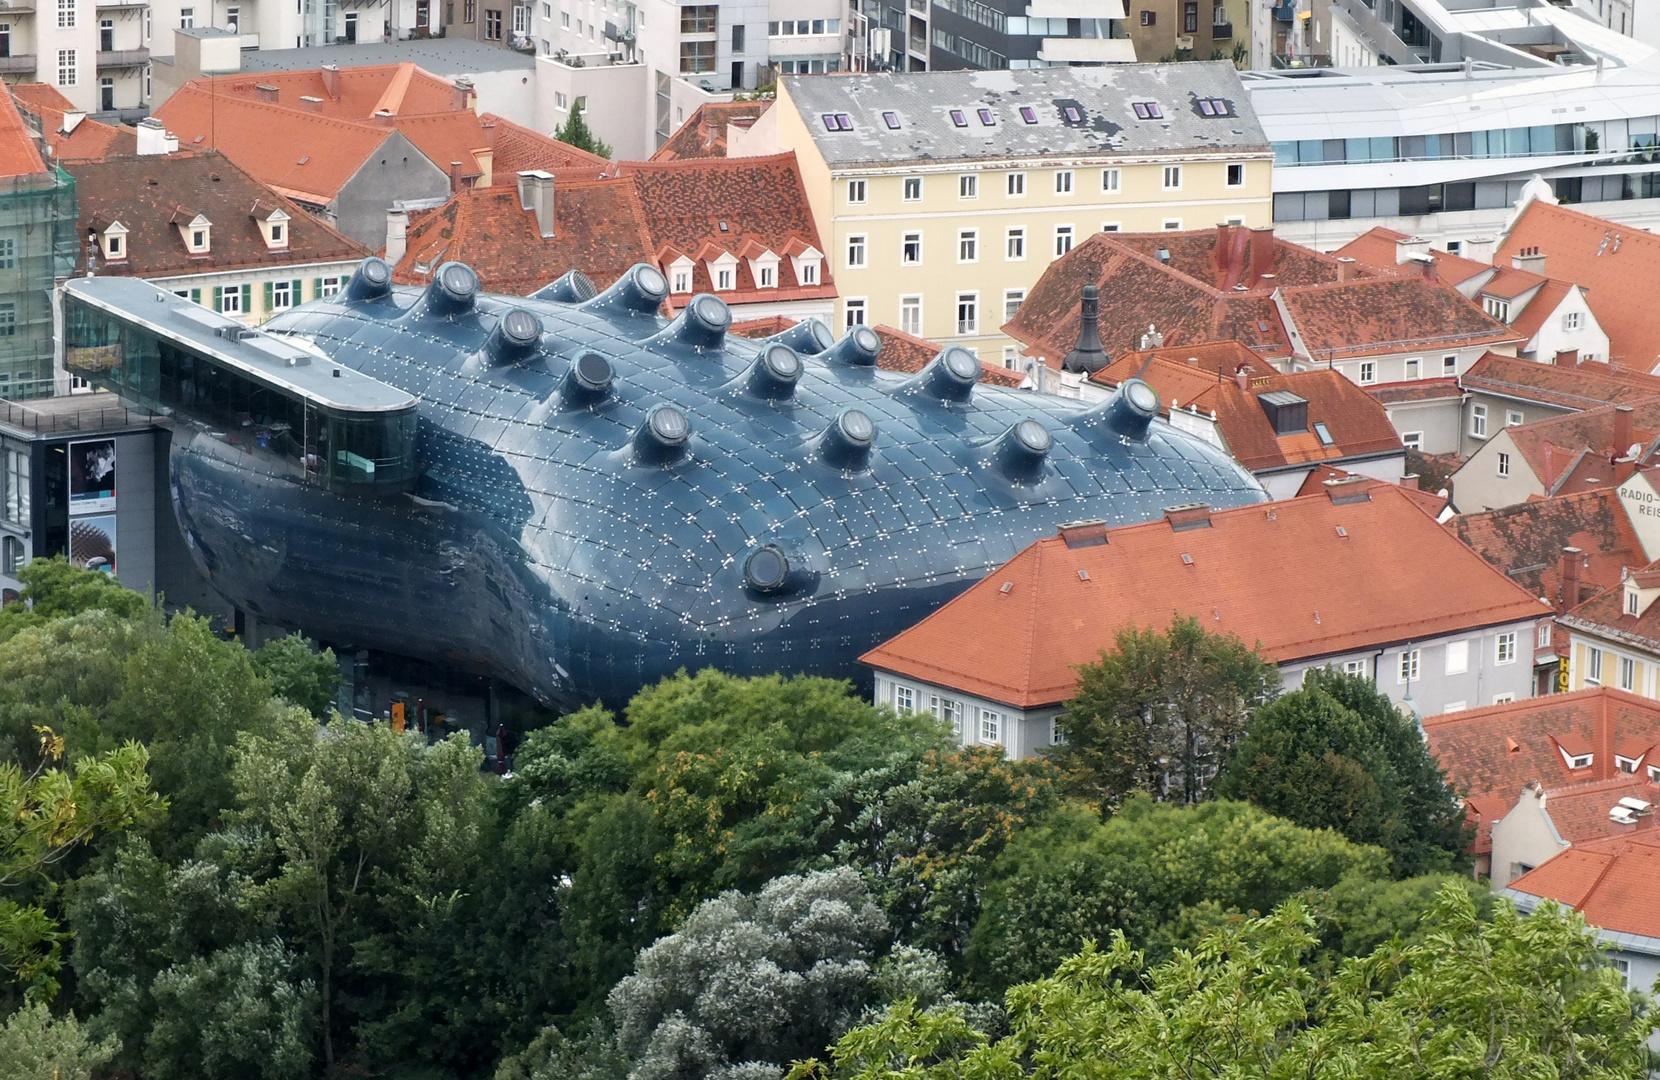 """Kunsthalle in Graz oder auch """"friendly alien"""" genannt"""